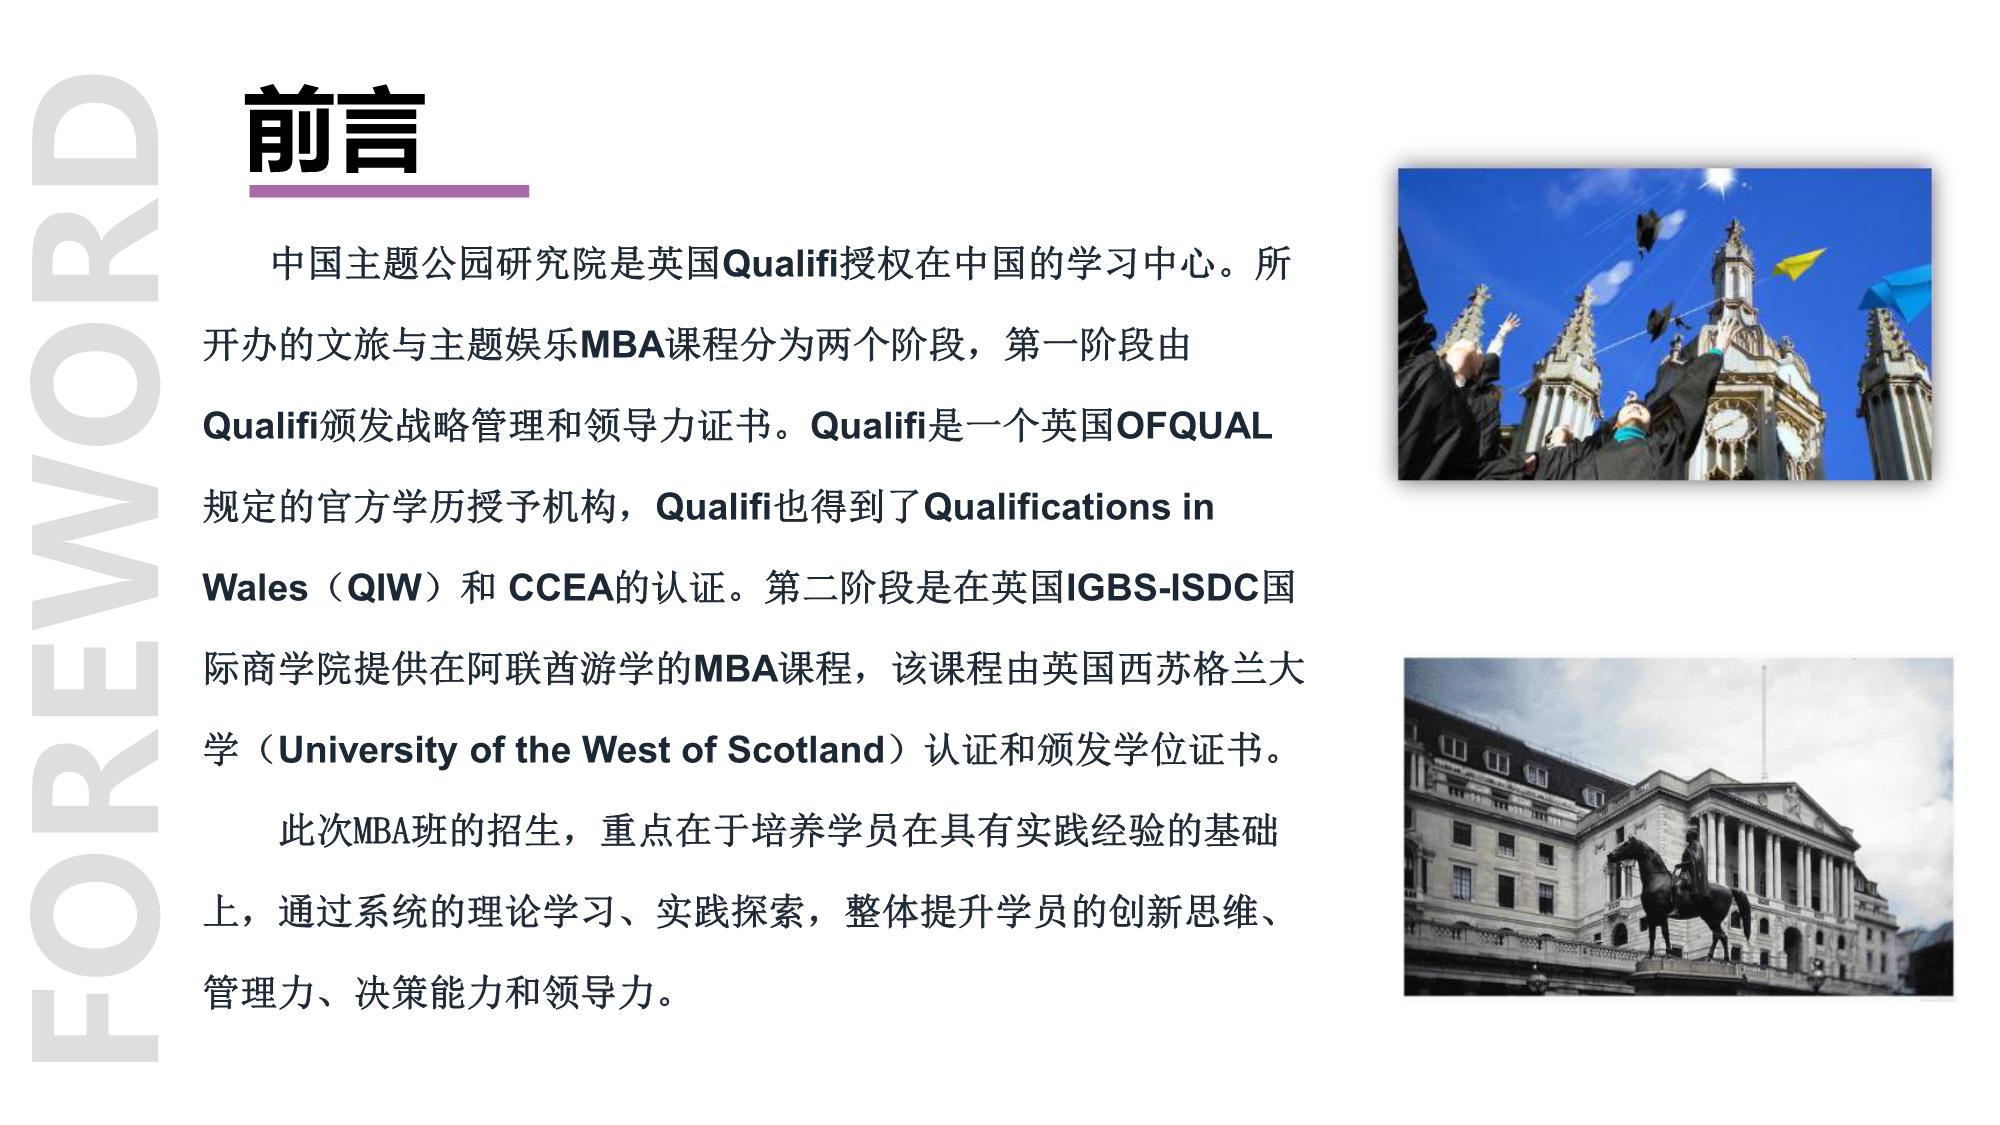 文旅与主题娱乐研究生四期班UWS学位(2020.6.17)(3)-2.png